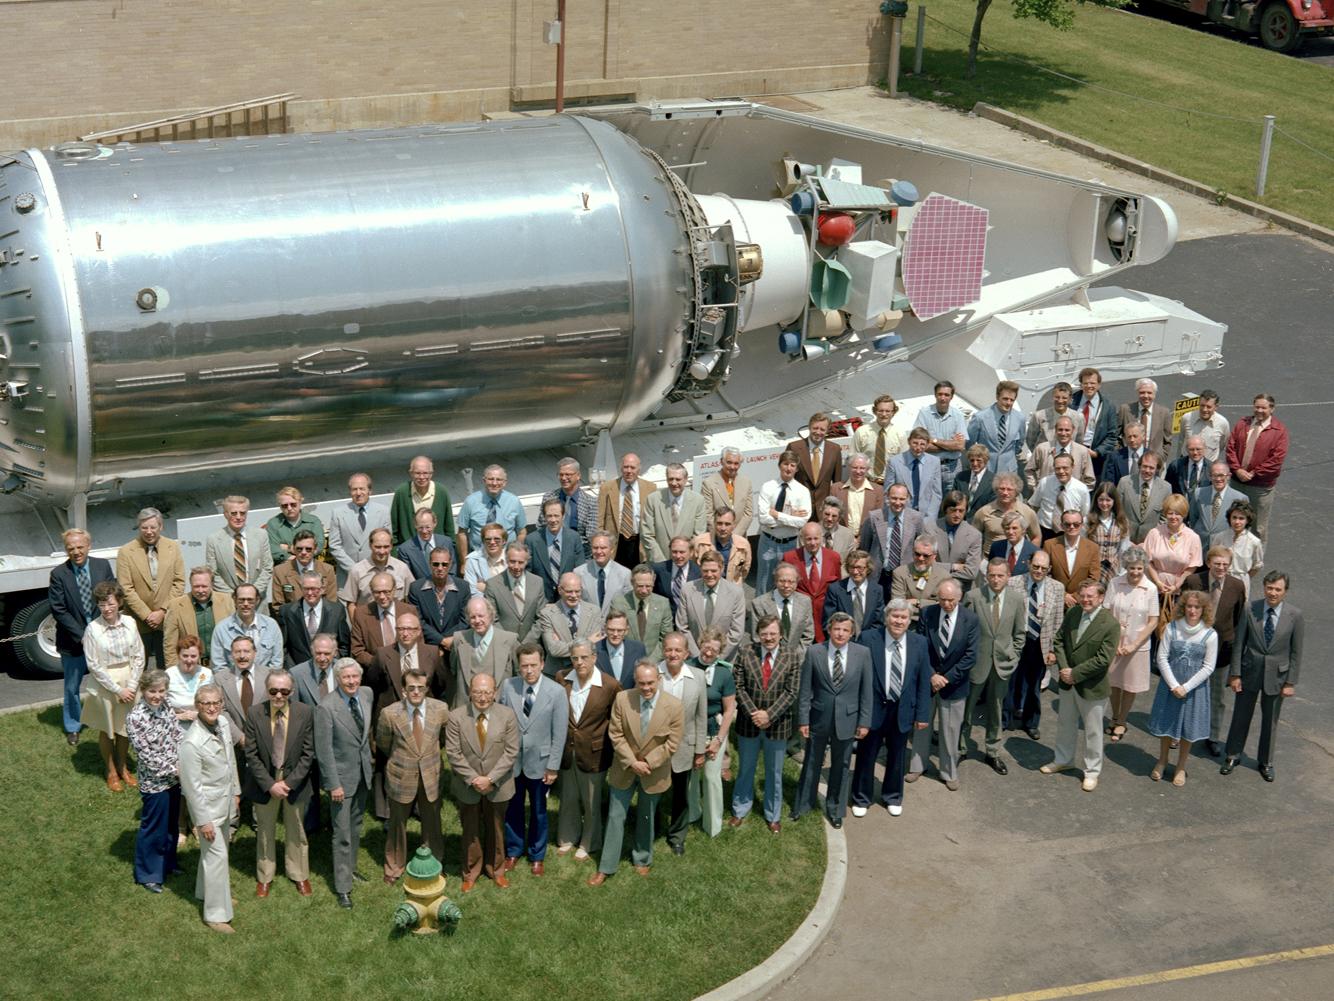 nasa employees - photo #28